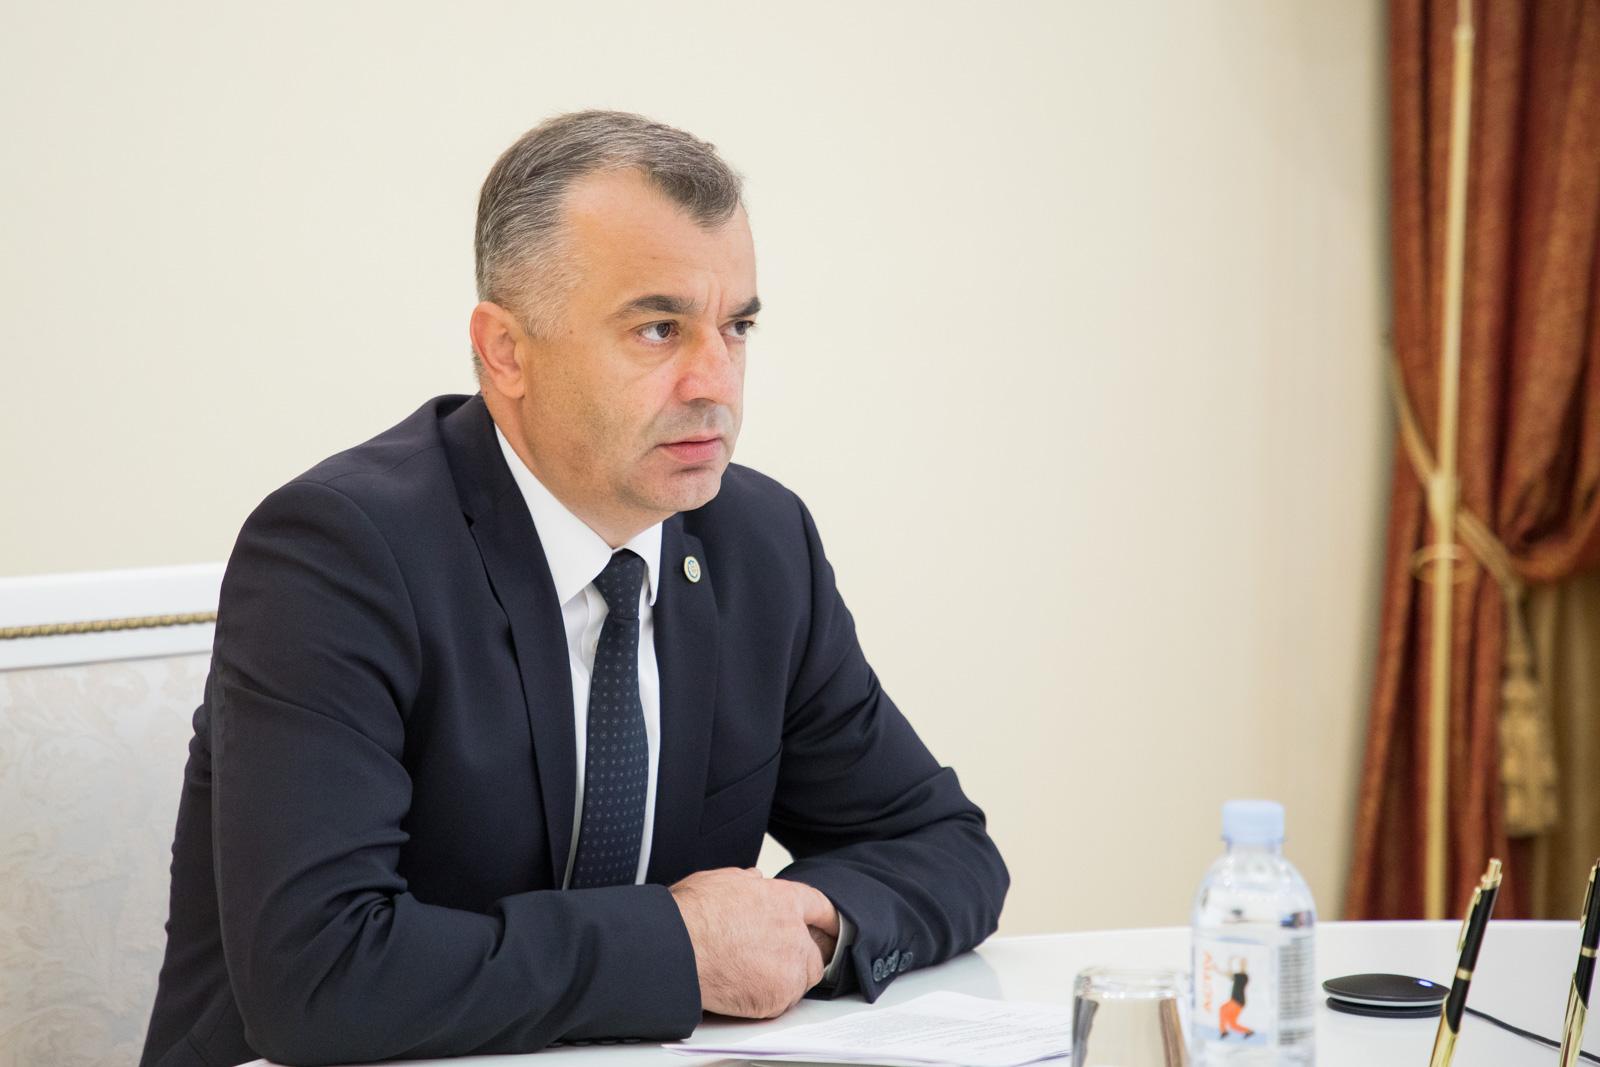 Ion Chicu: Cifra planificată a veniturilor anuale 2020 a fost îndeplinită ieri. Avem supraîndeplinire